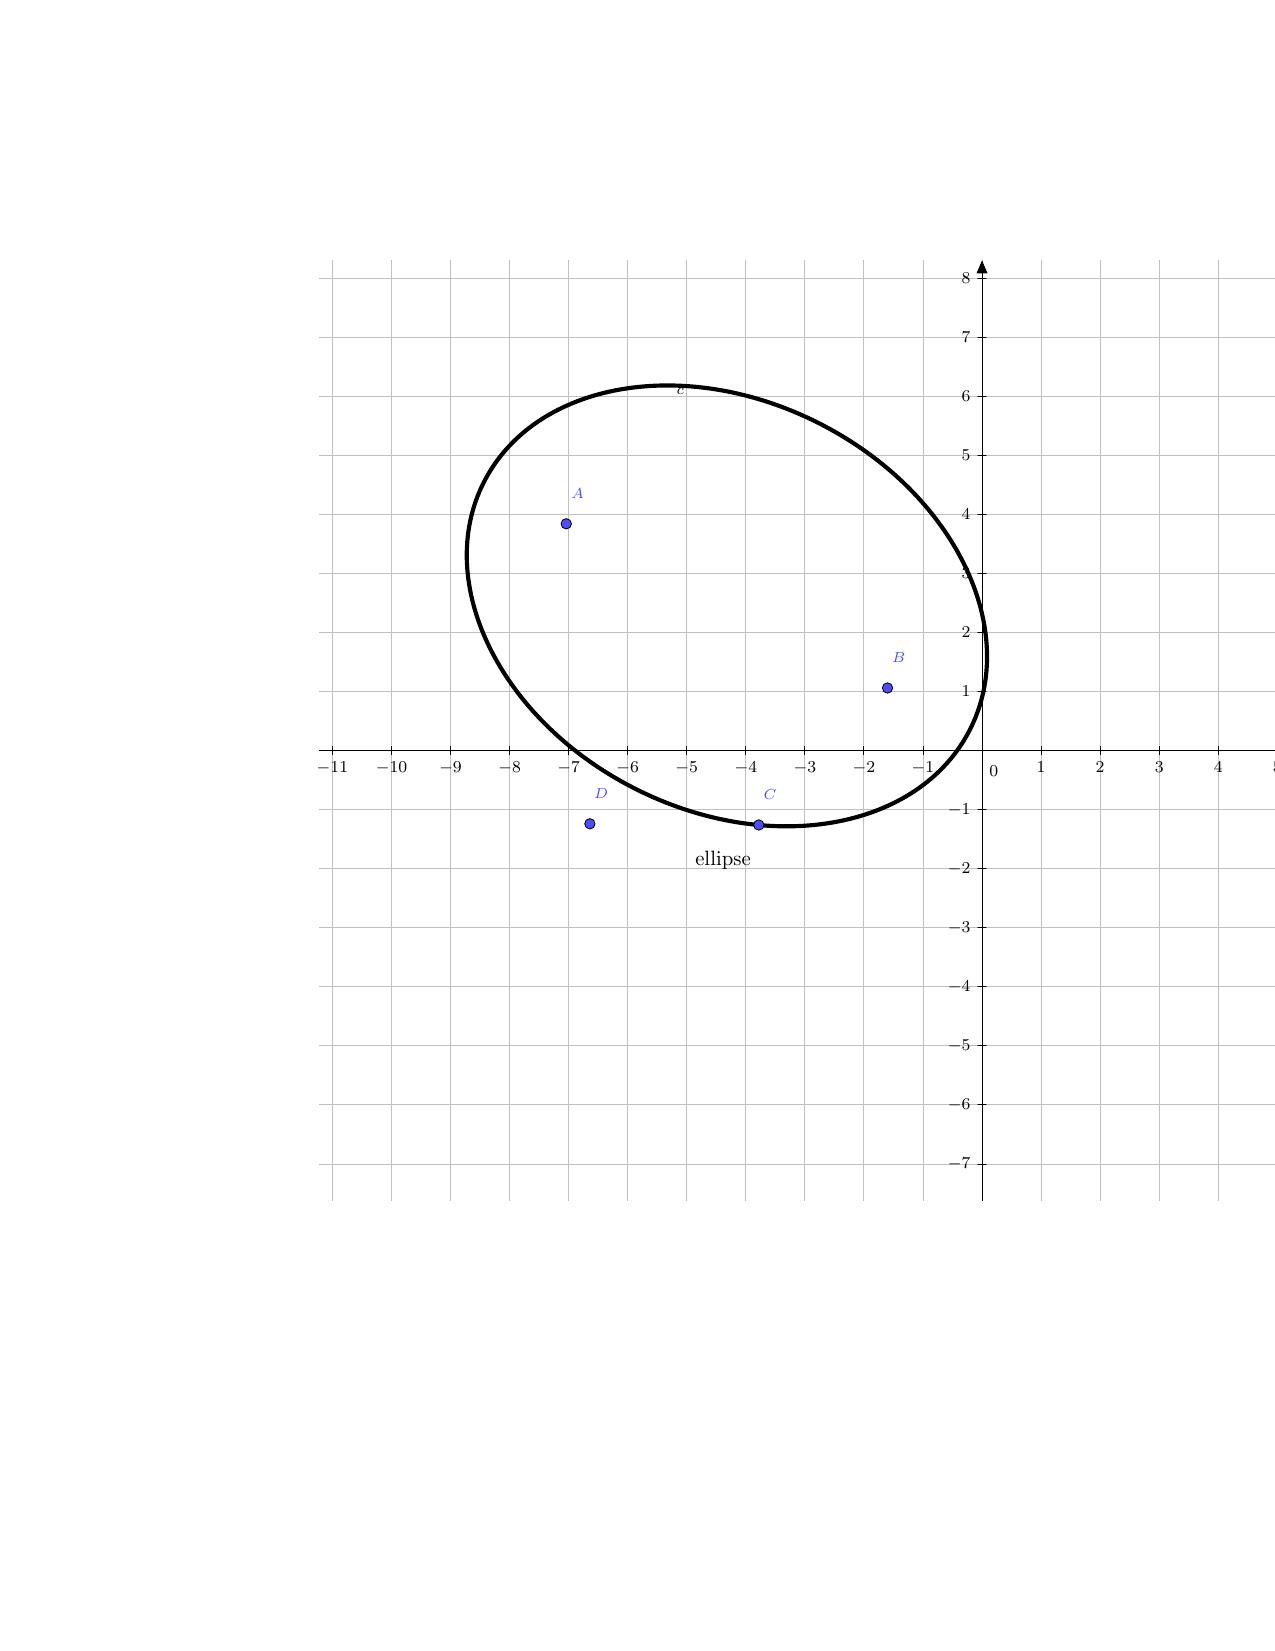 geom-ellipse_on_coords+geometry+pgf+def+script